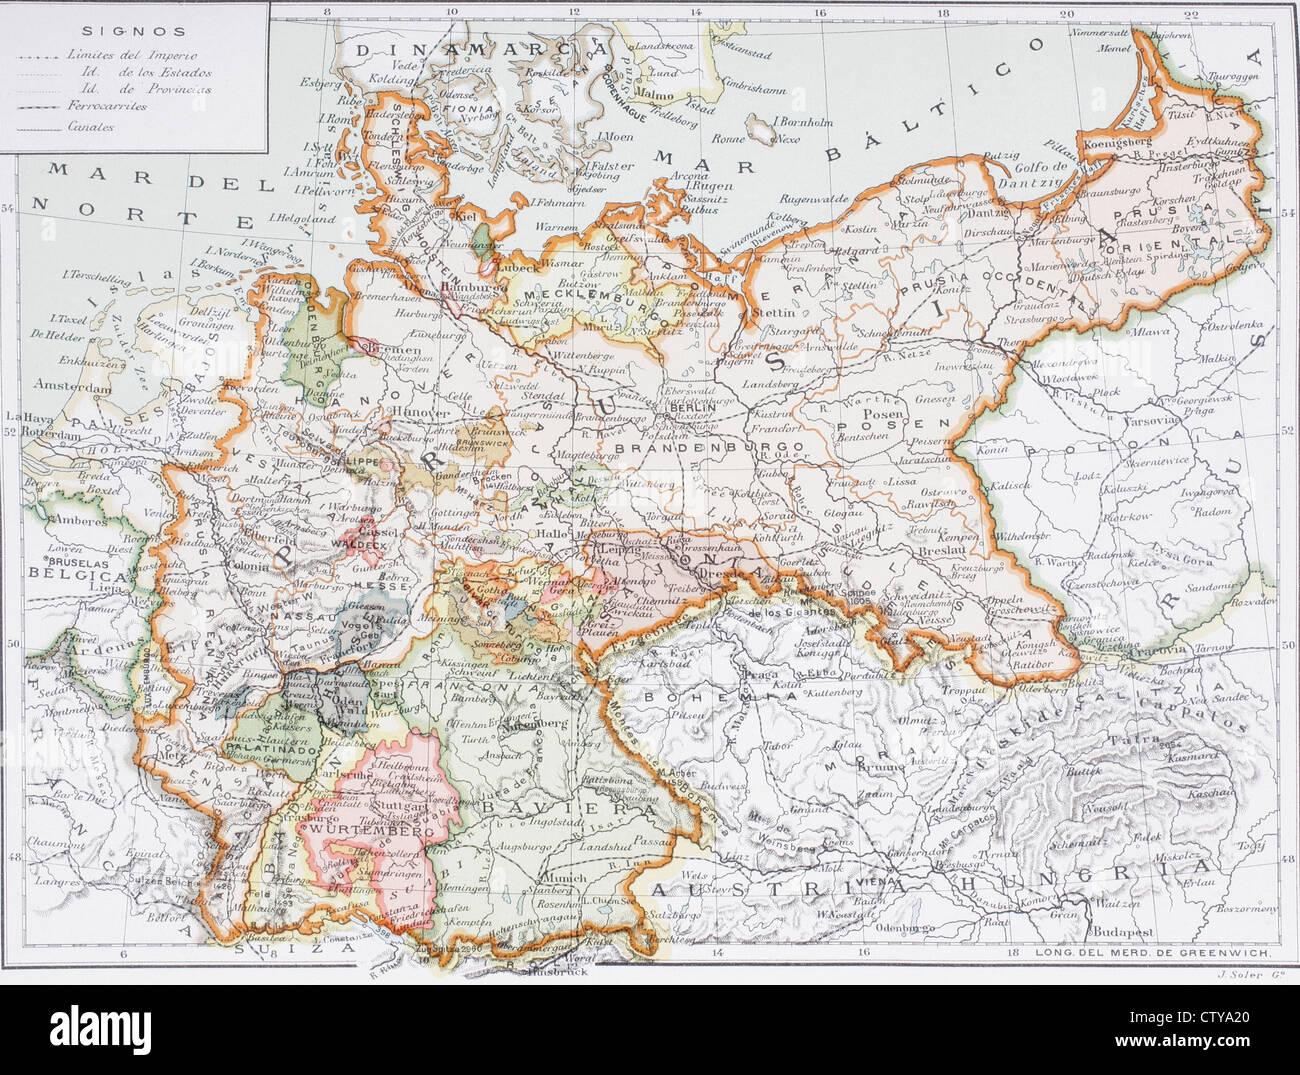 Deutsche Karte Vor Dem 1 Weltkrieg.Deutschland Karte Stockfotos Deutschland Karte Bilder Alamy